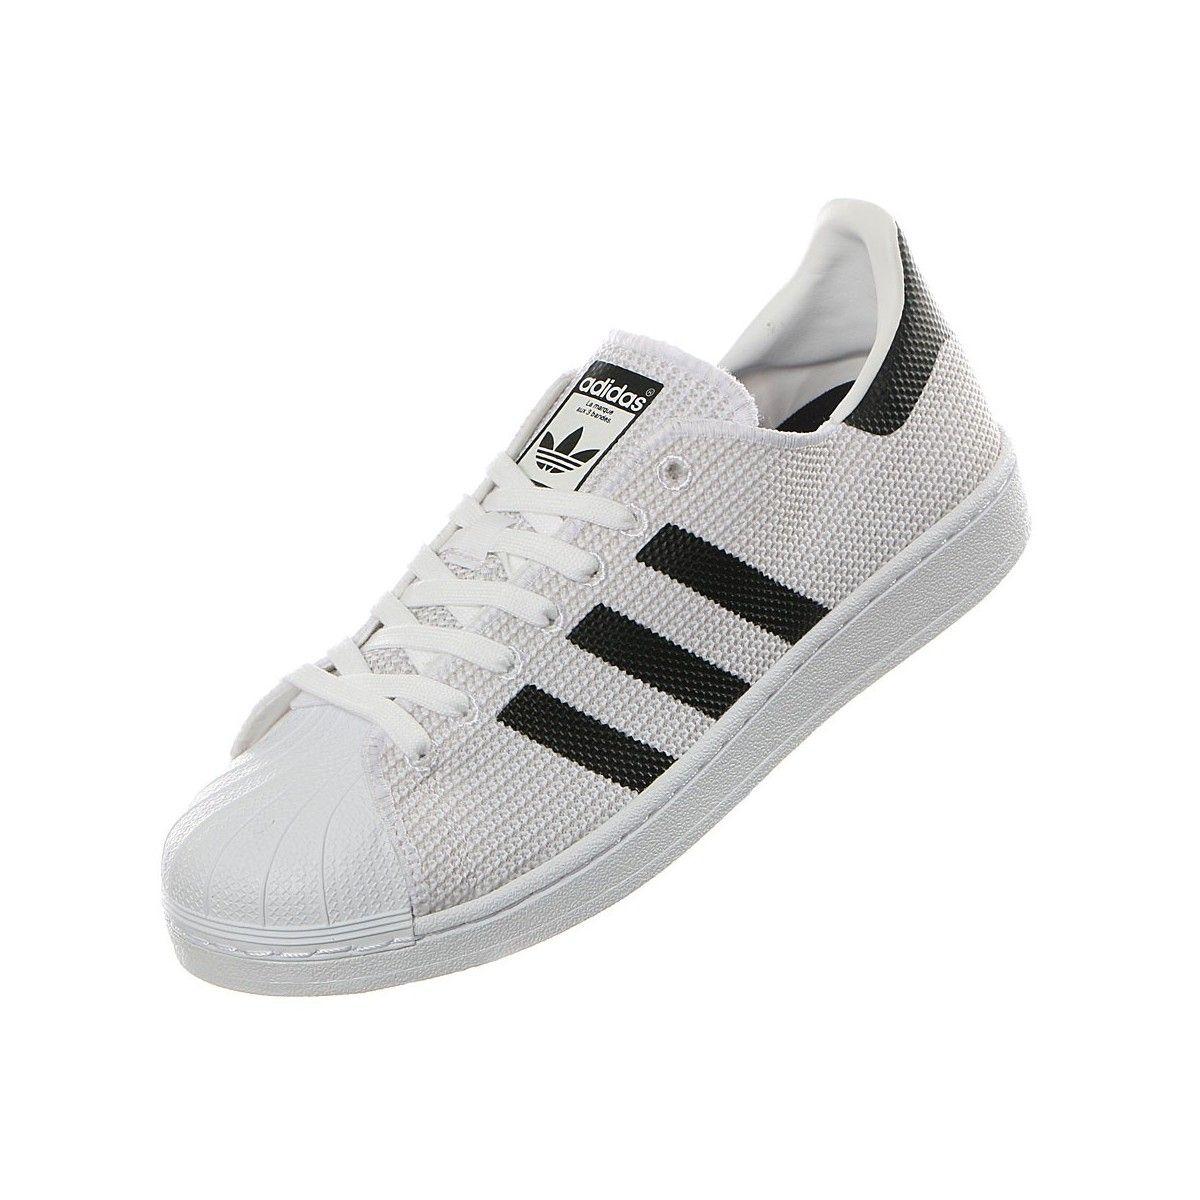 5€ de réduction dès 10€ d'achat + 30% offerts en SuperPoints sur une sélection de Sneakers - Ex : Baskets adidas Originals Superstar White (+ 12.30€ en SuperPoints)